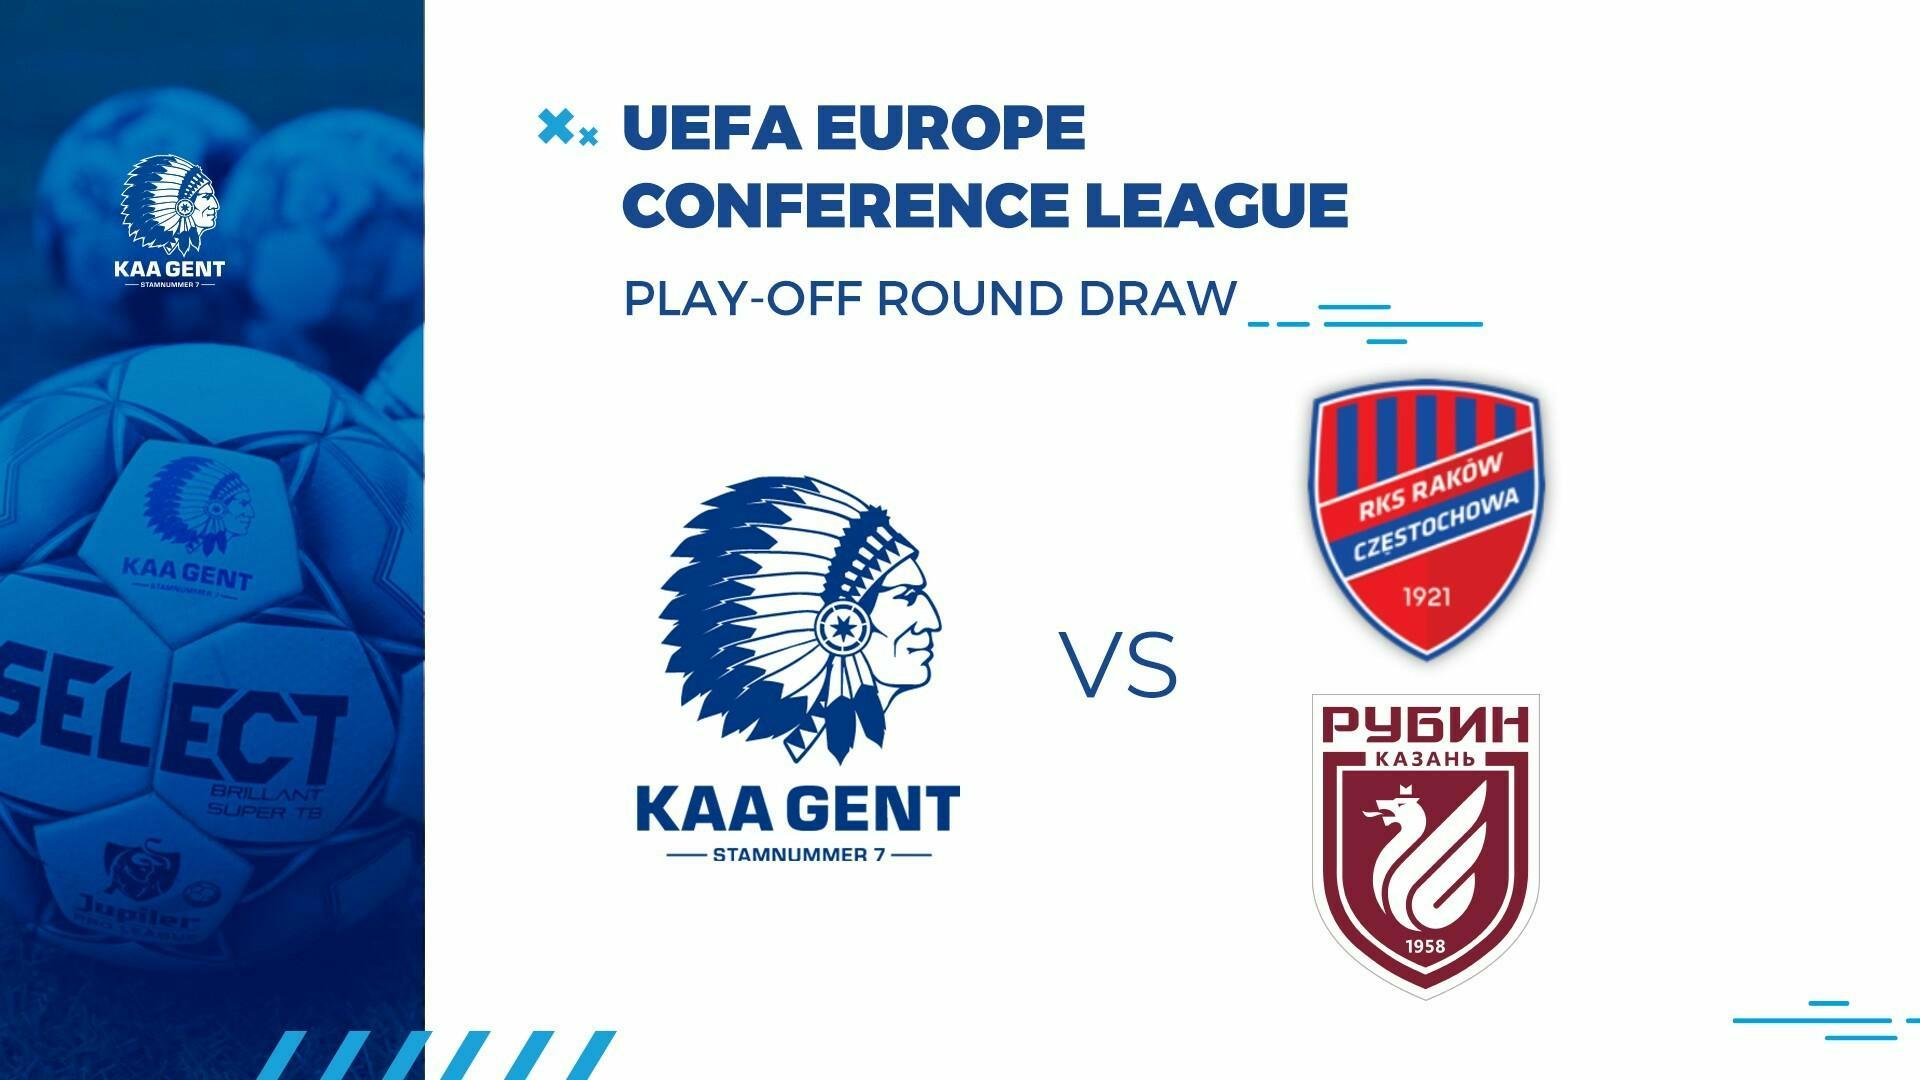 Raków Czestochowaof FC Rubin Kazan mogelijke tegenstander in play-off ronde Conference League